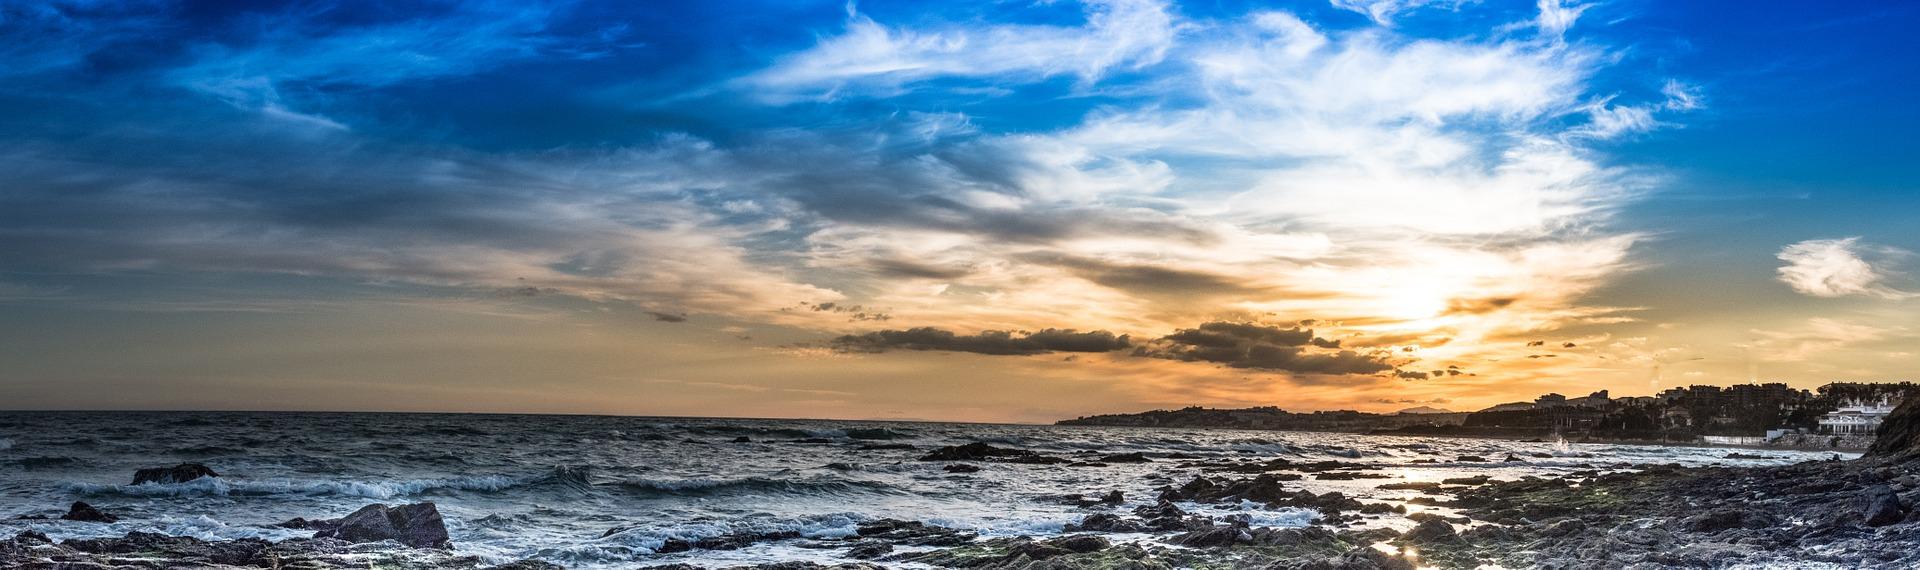 Mete estive 2019 di mare, dove andare in vacanza